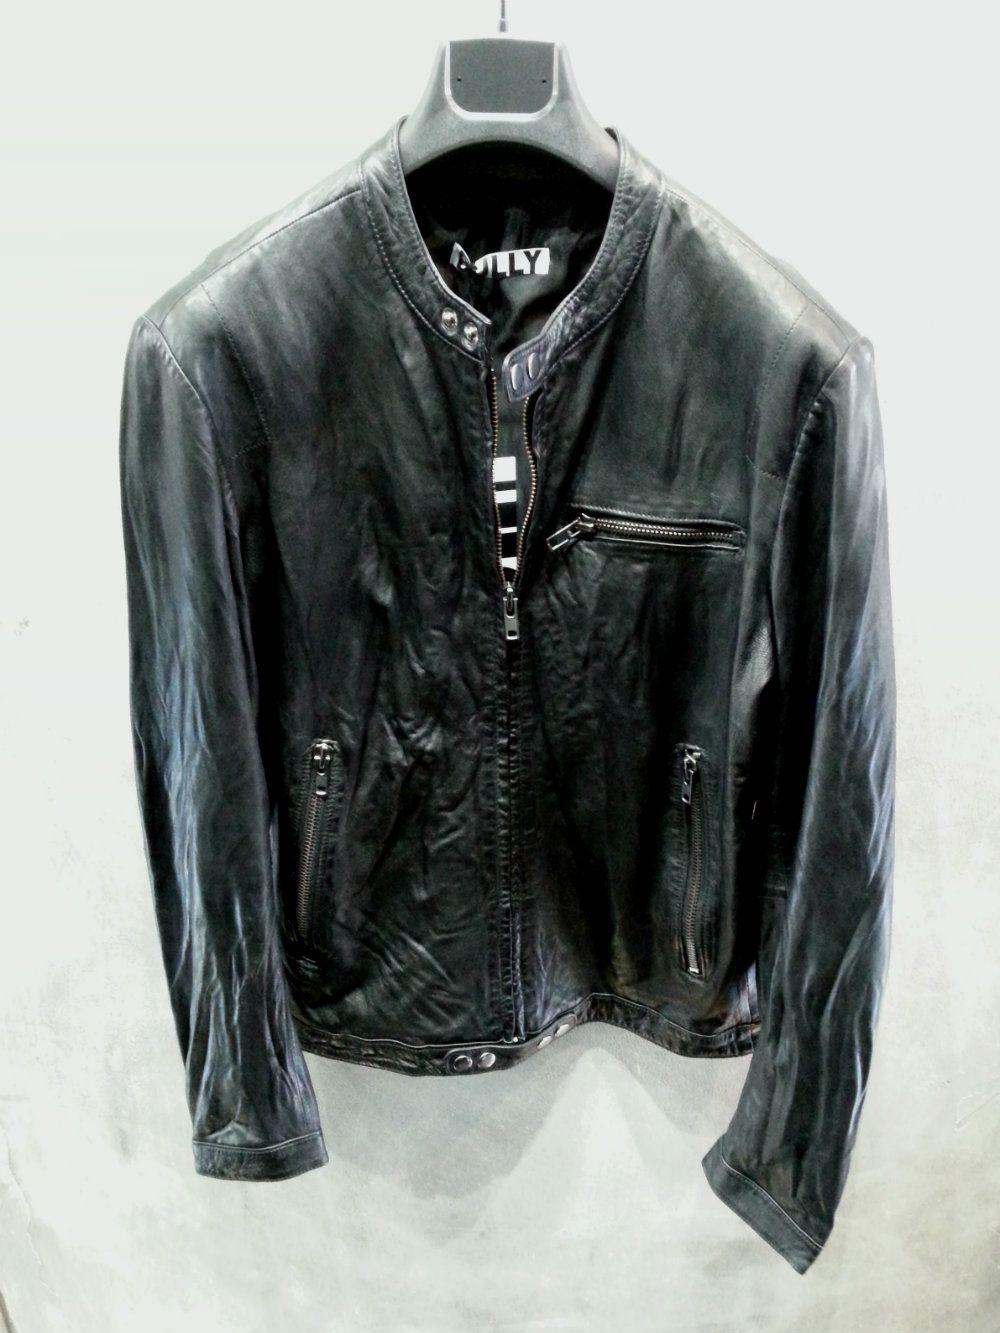 Garments Pinterest Bully Uomo Giubbotti Pelle Biker In 76w0xwqIpS